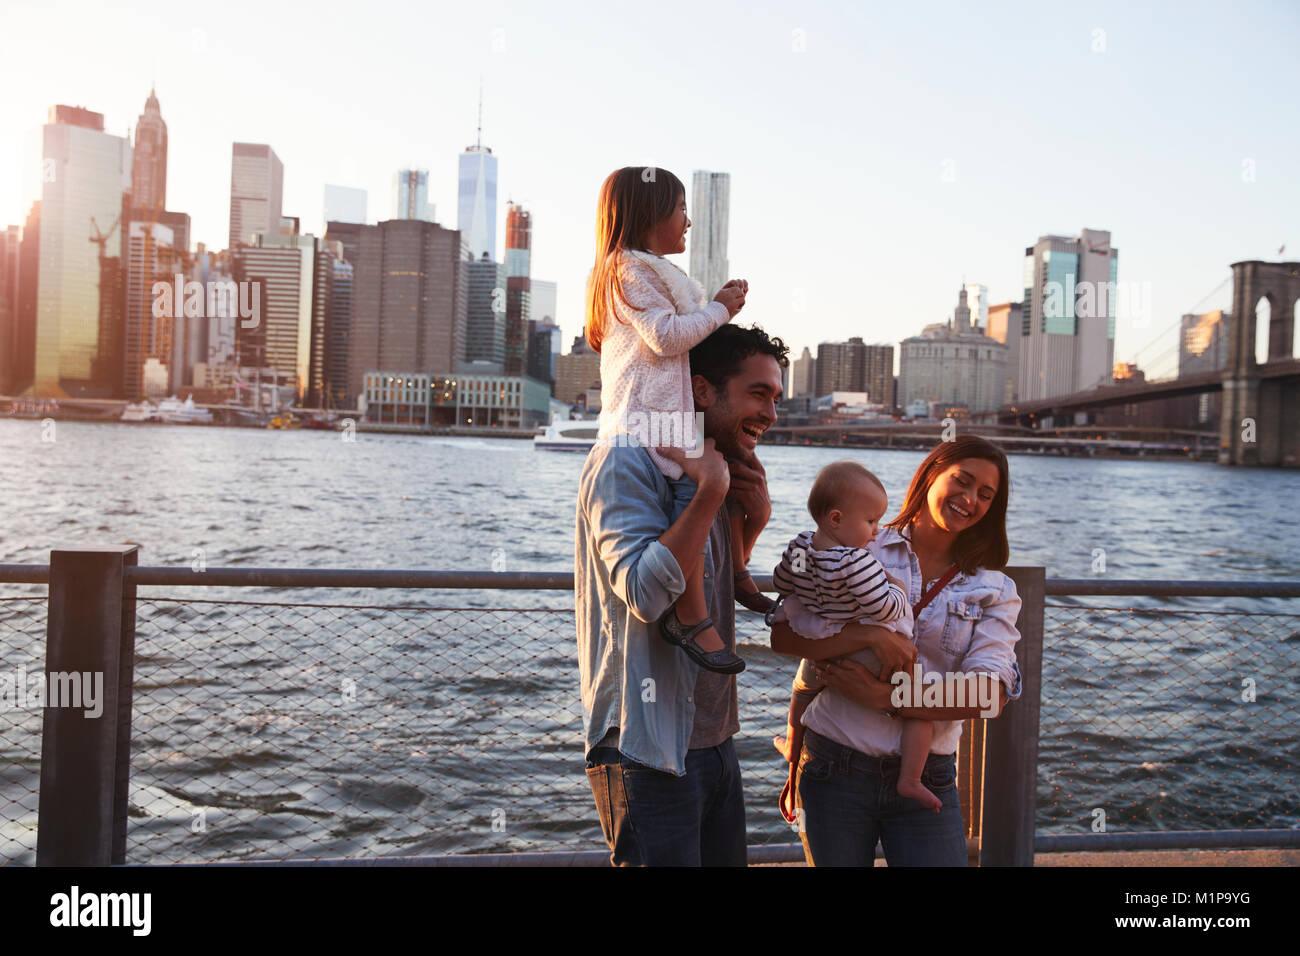 Familia Joven con hijas pararse en la zona de Quayside, vista lateral Imagen De Stock